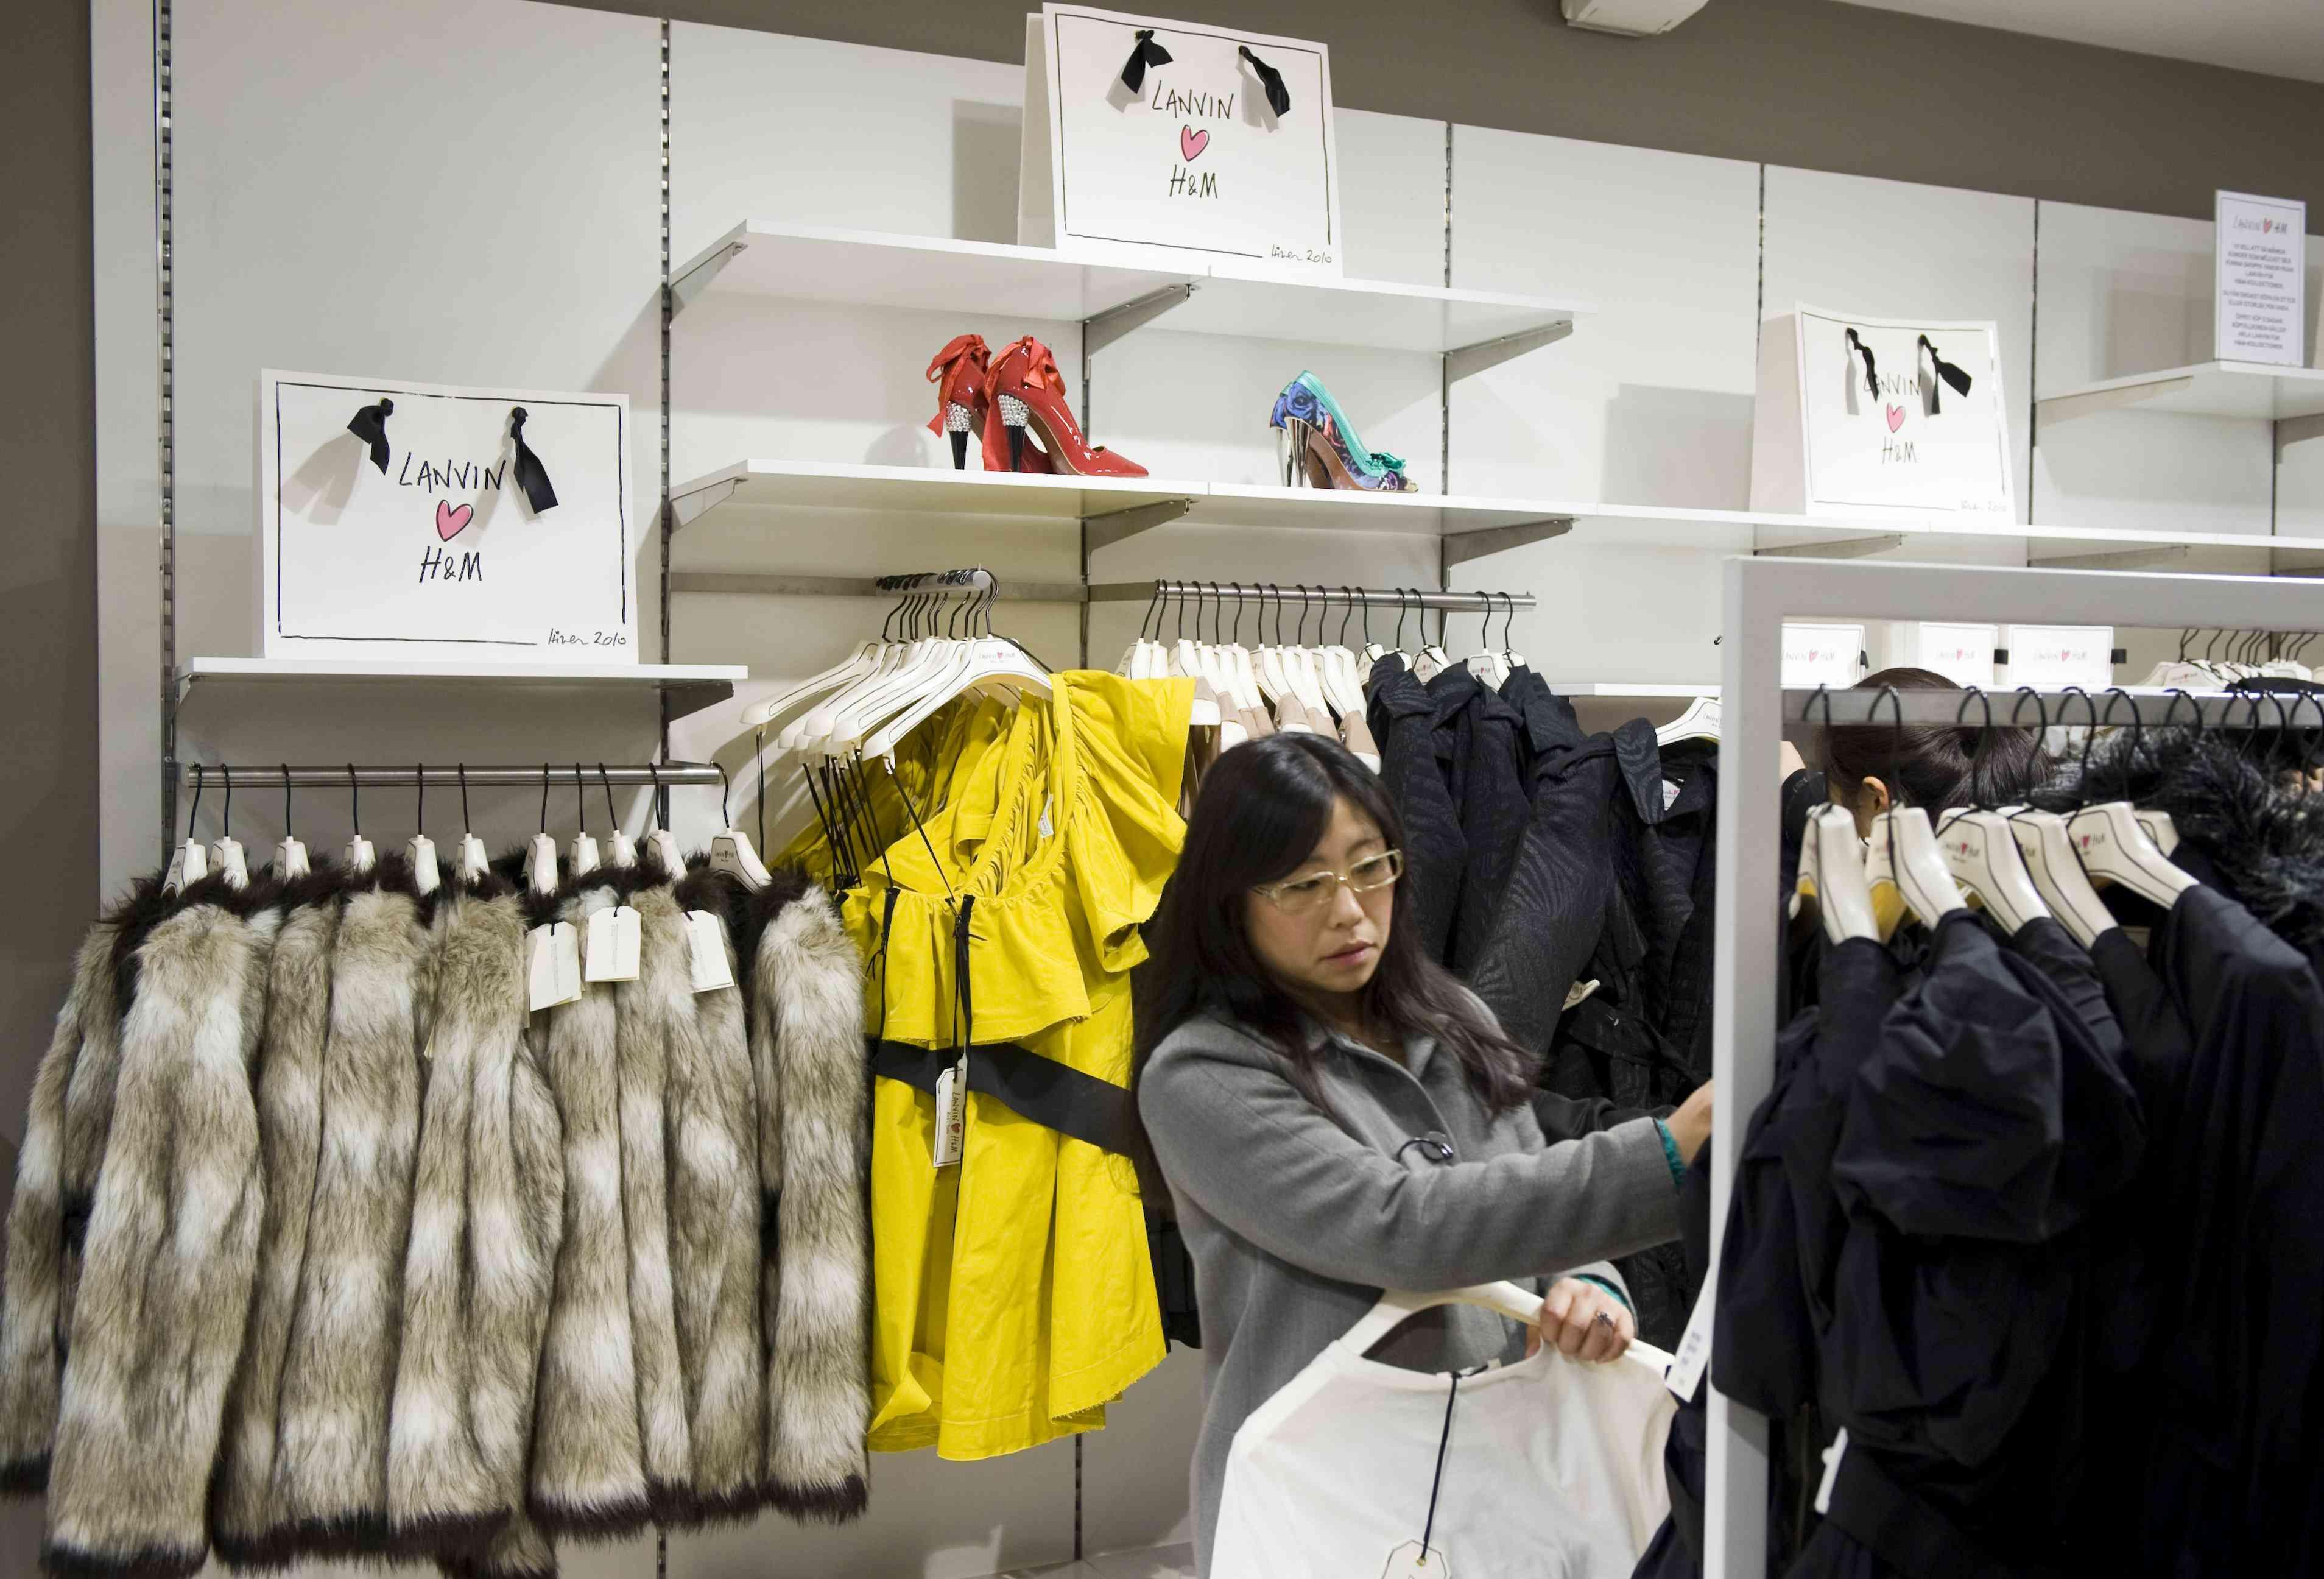 Shopper in H&M; store